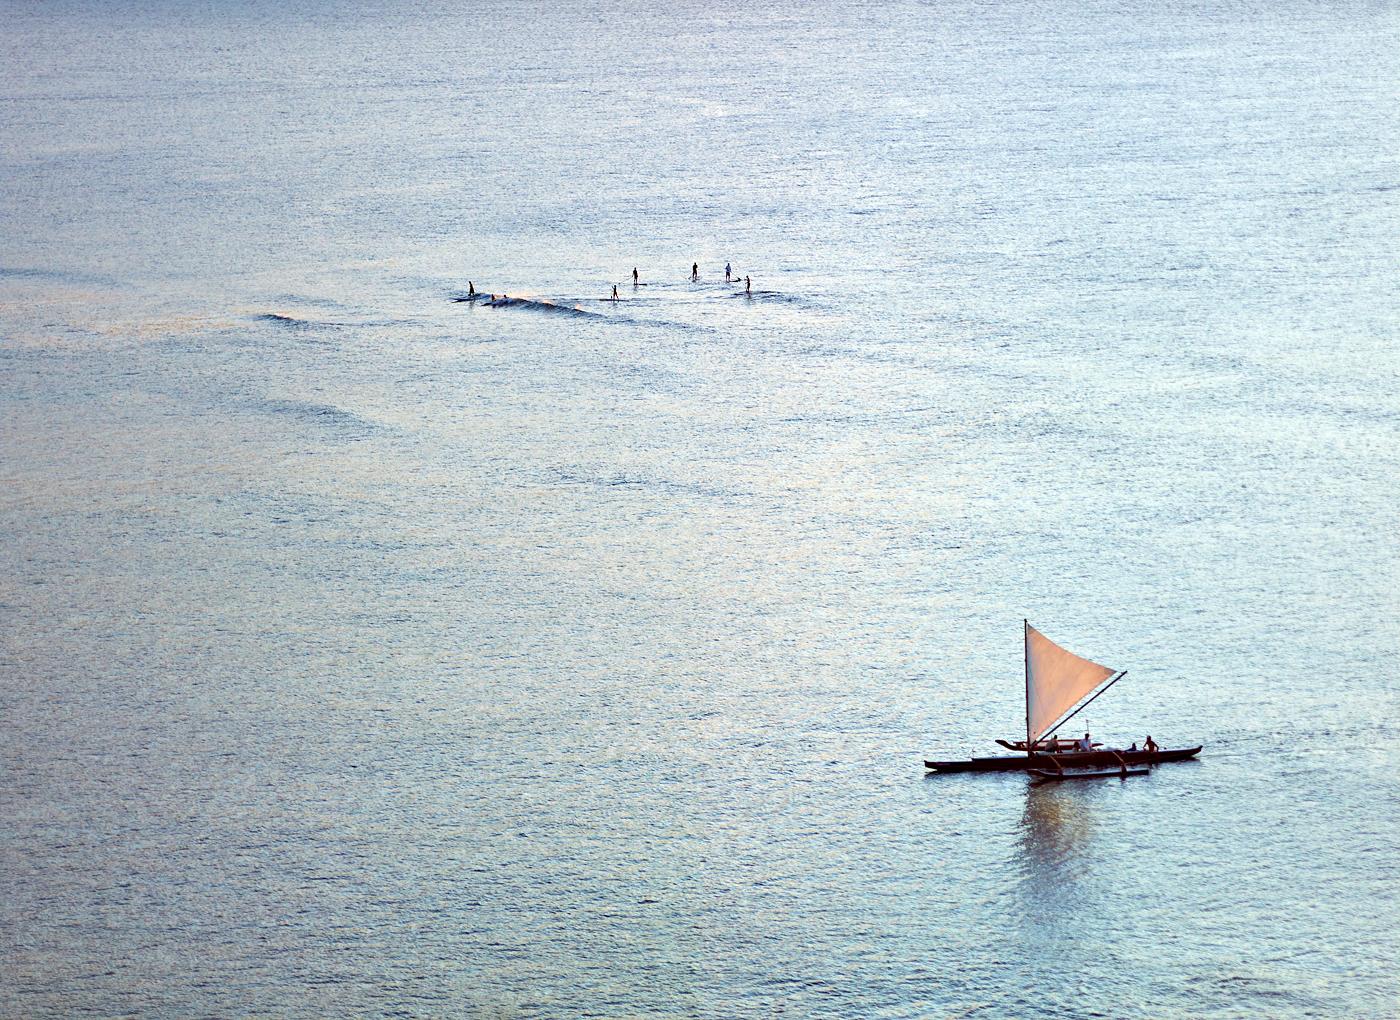 Bay Surf by Peter Adams.